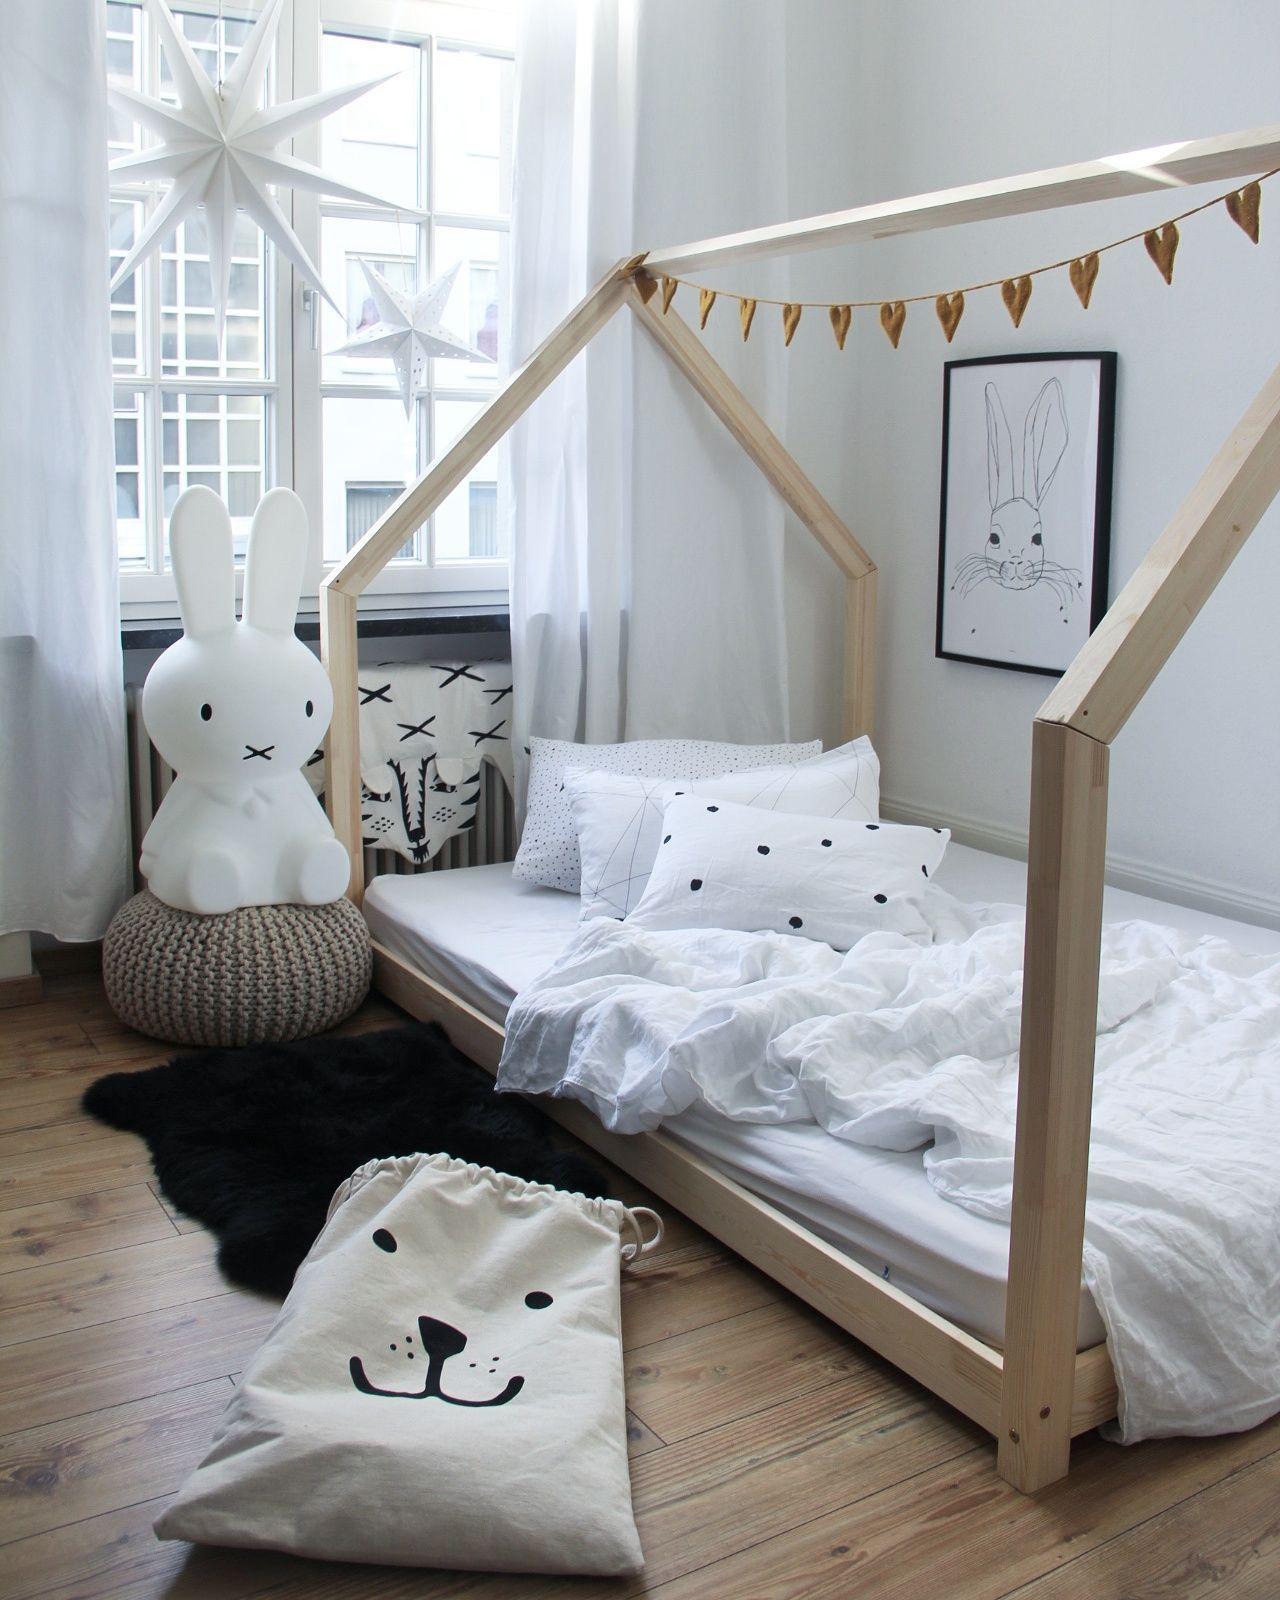 Kinderzimmer Deko Mint Und Inspirierend Kinderzimmer Deko: Die Schönsten Ideen Für Deine Kinderzimmer-Deko